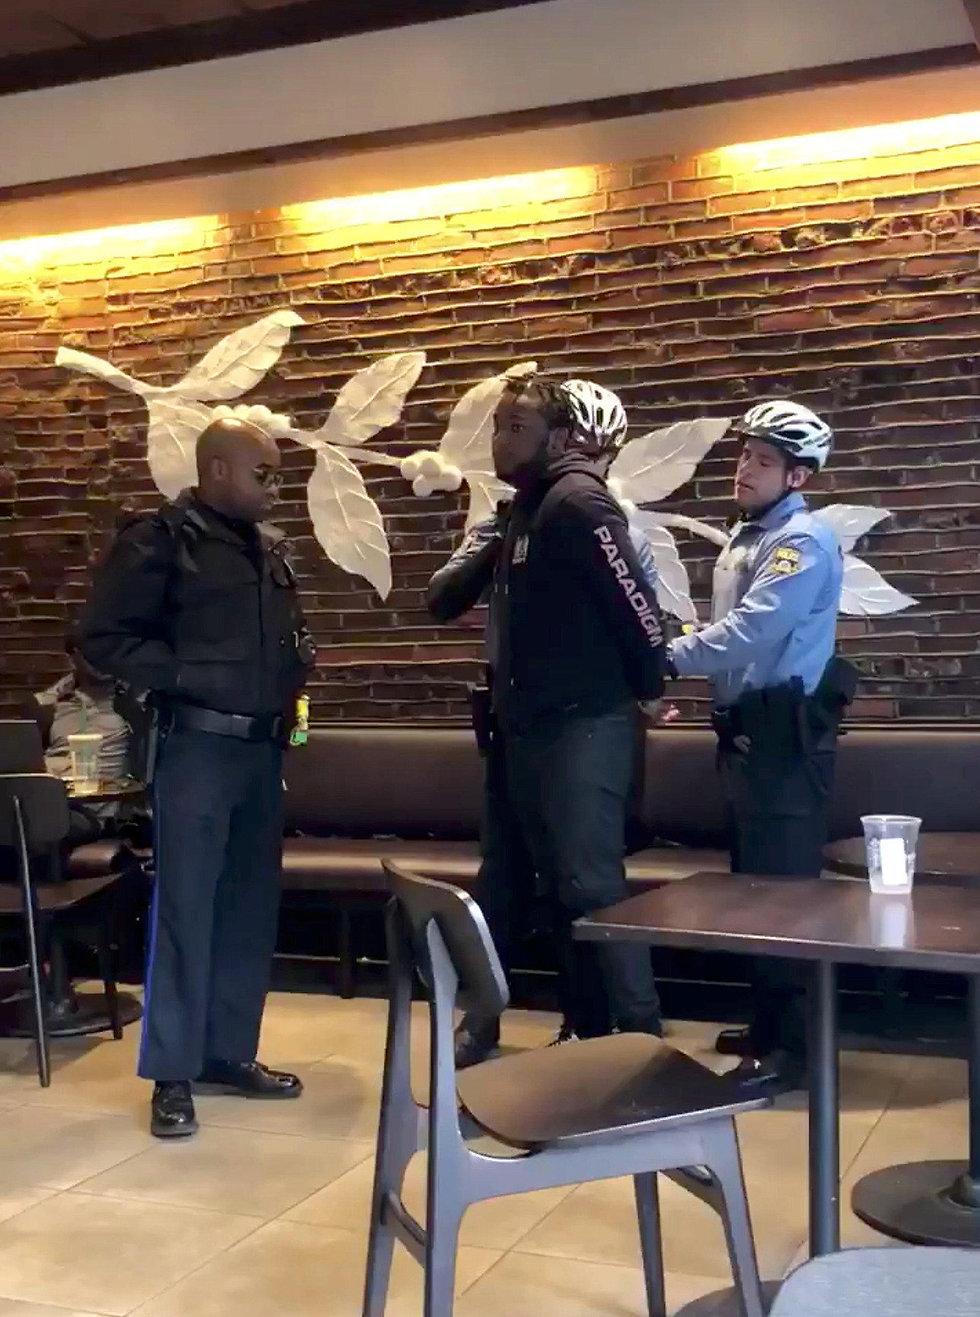 מעצר של גבר שחור בסניף של סטארבקס בפילדלפיה (צילום: רויטרס)